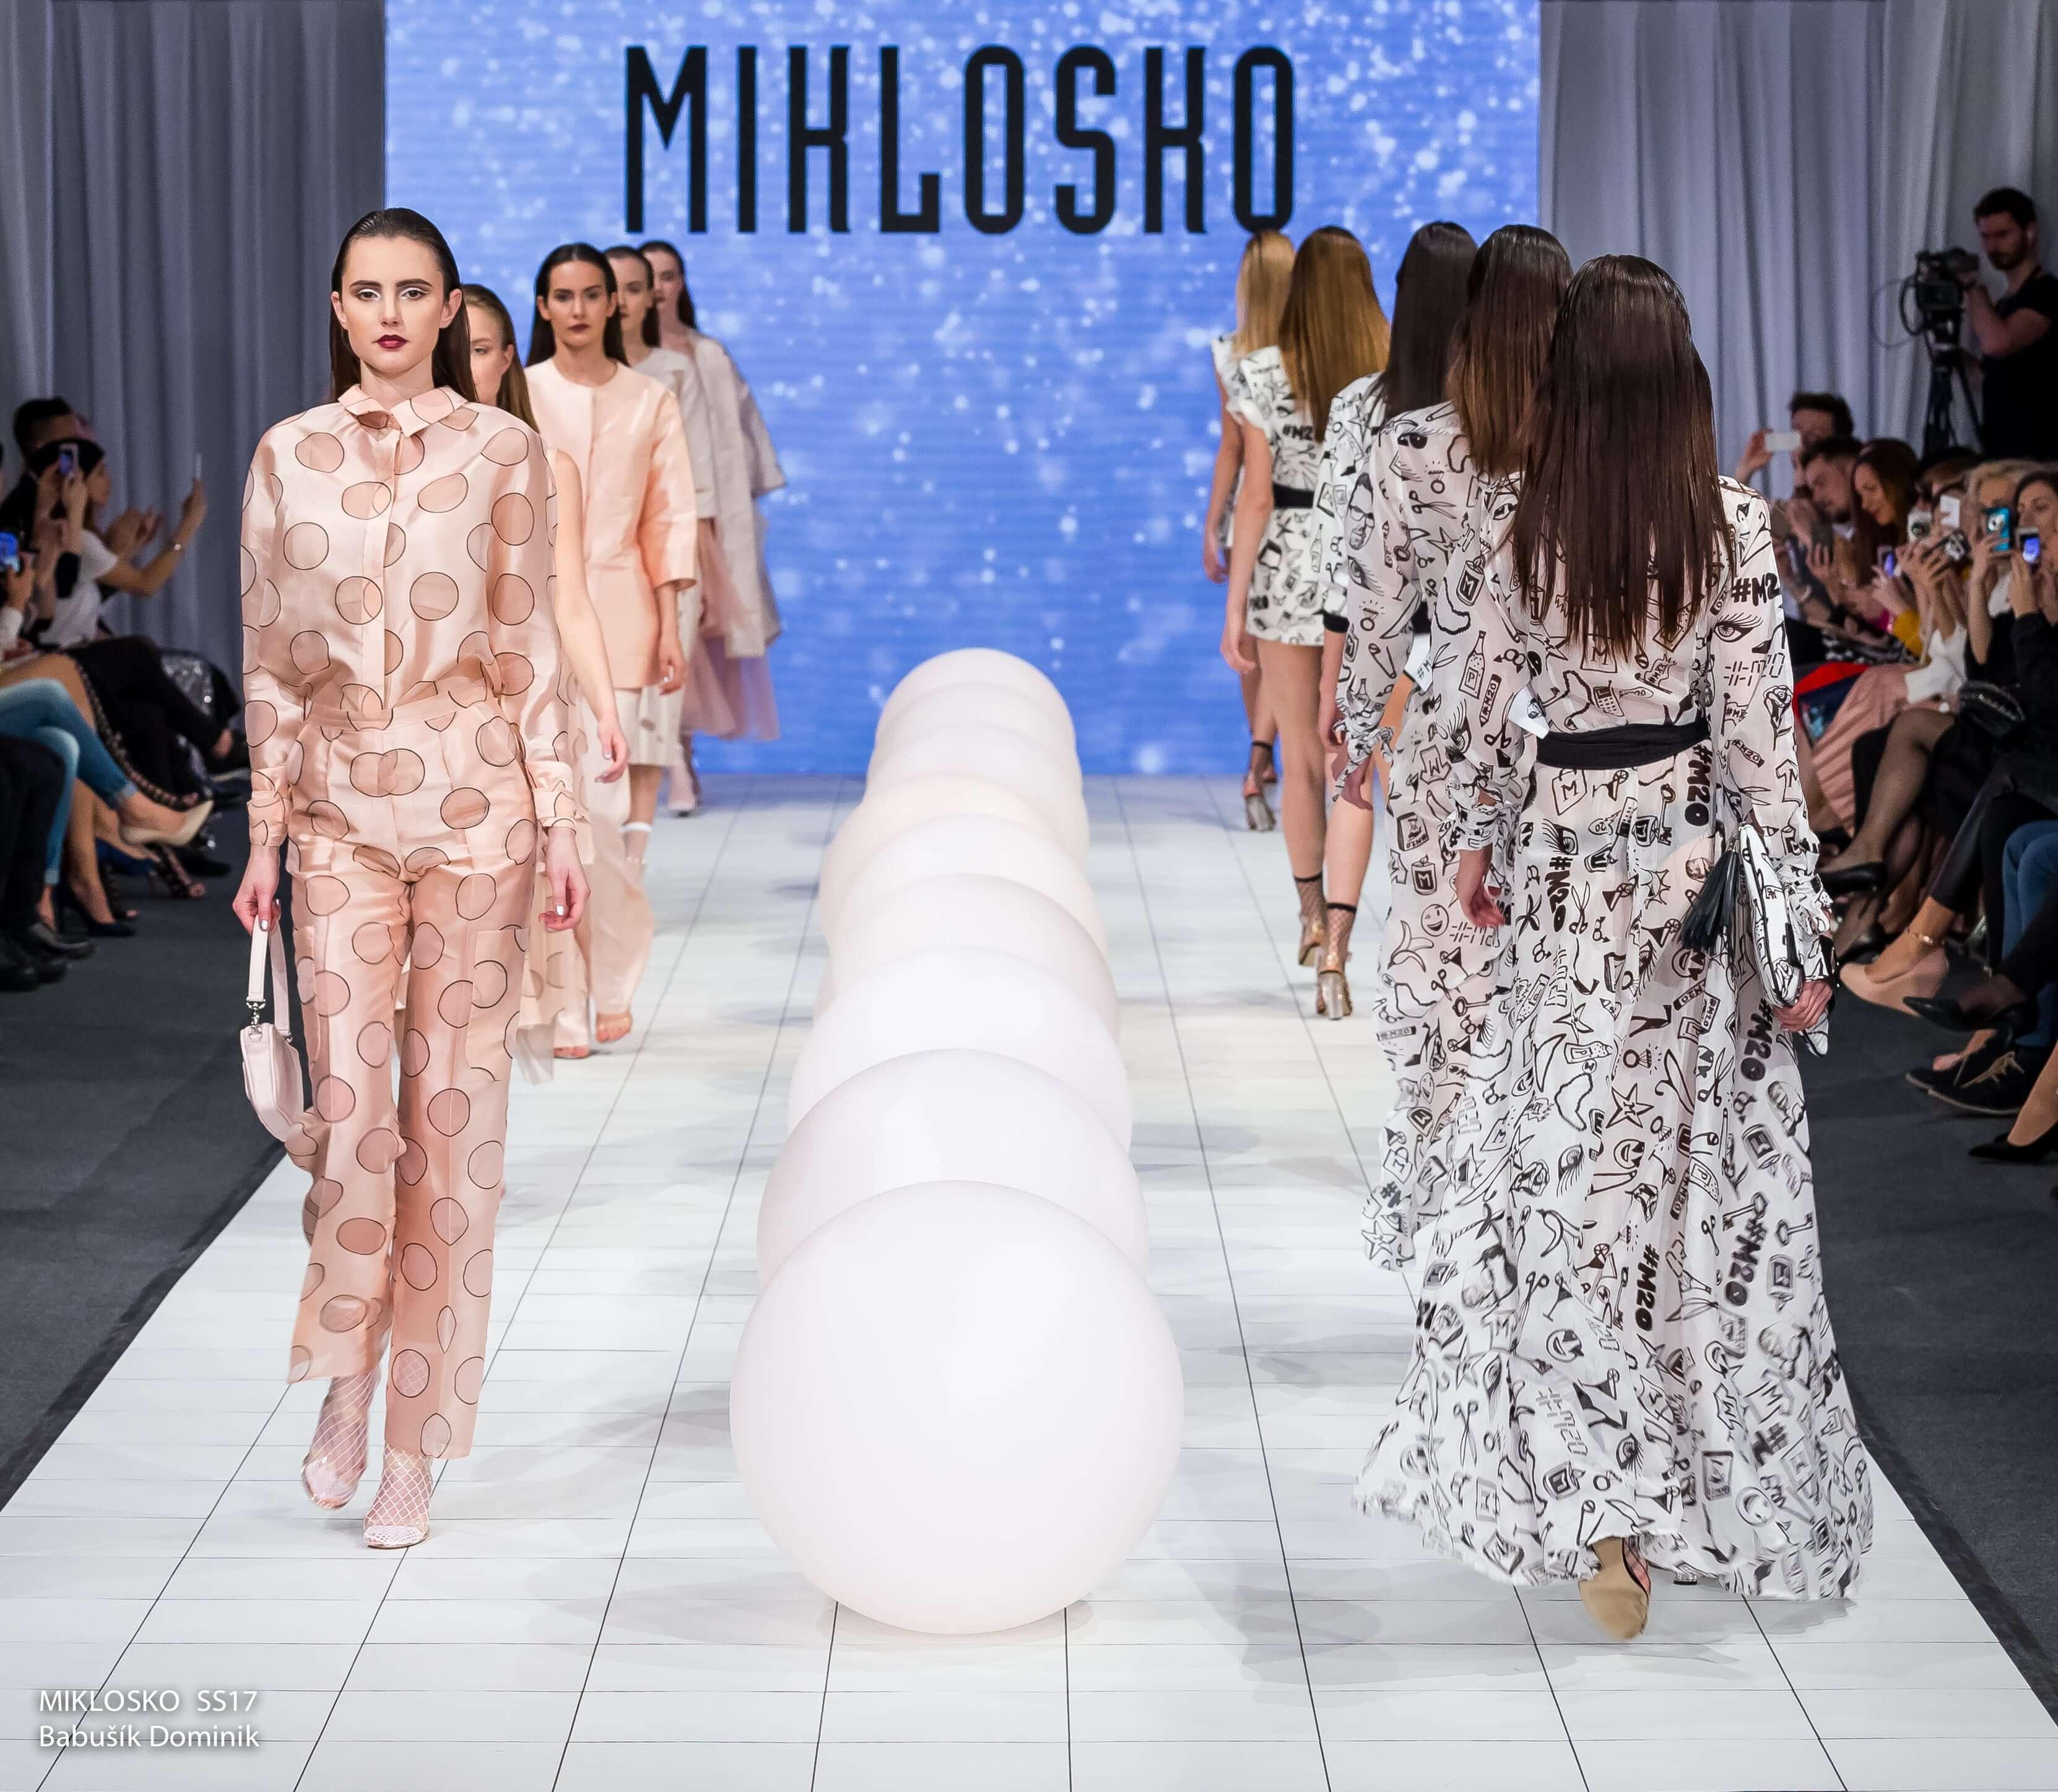 c8225266804d MIKLOSKO oslavuje 20 rokov tvorby novou kolekciou jar-leto 2017